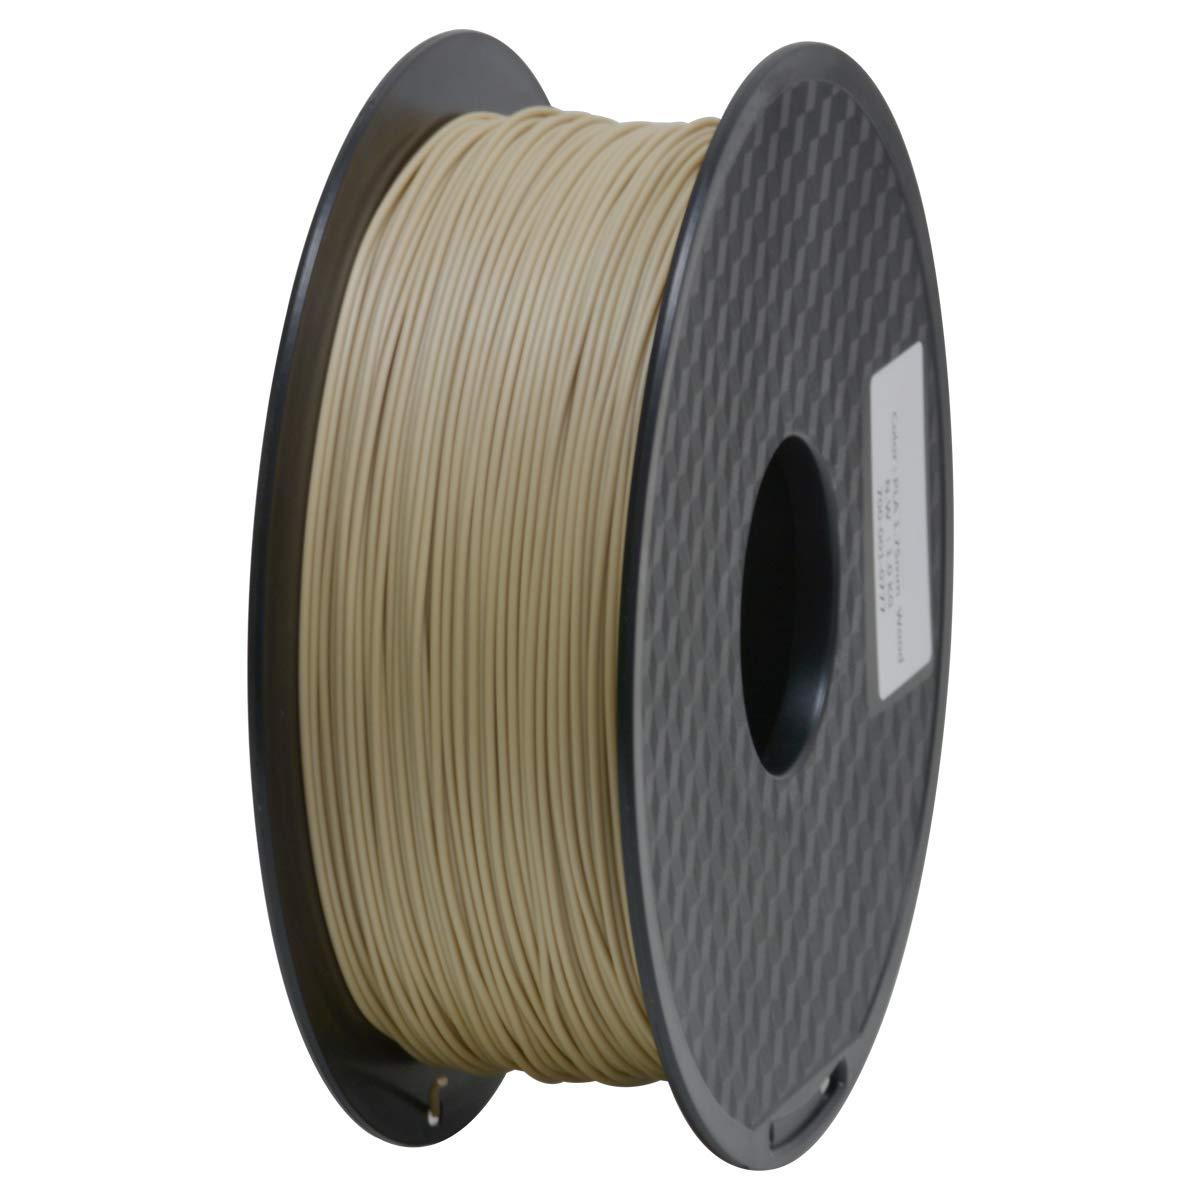 Bianco GEEETECH Filamento PLA 1.75mm 1kg Spool per Stampante 3D